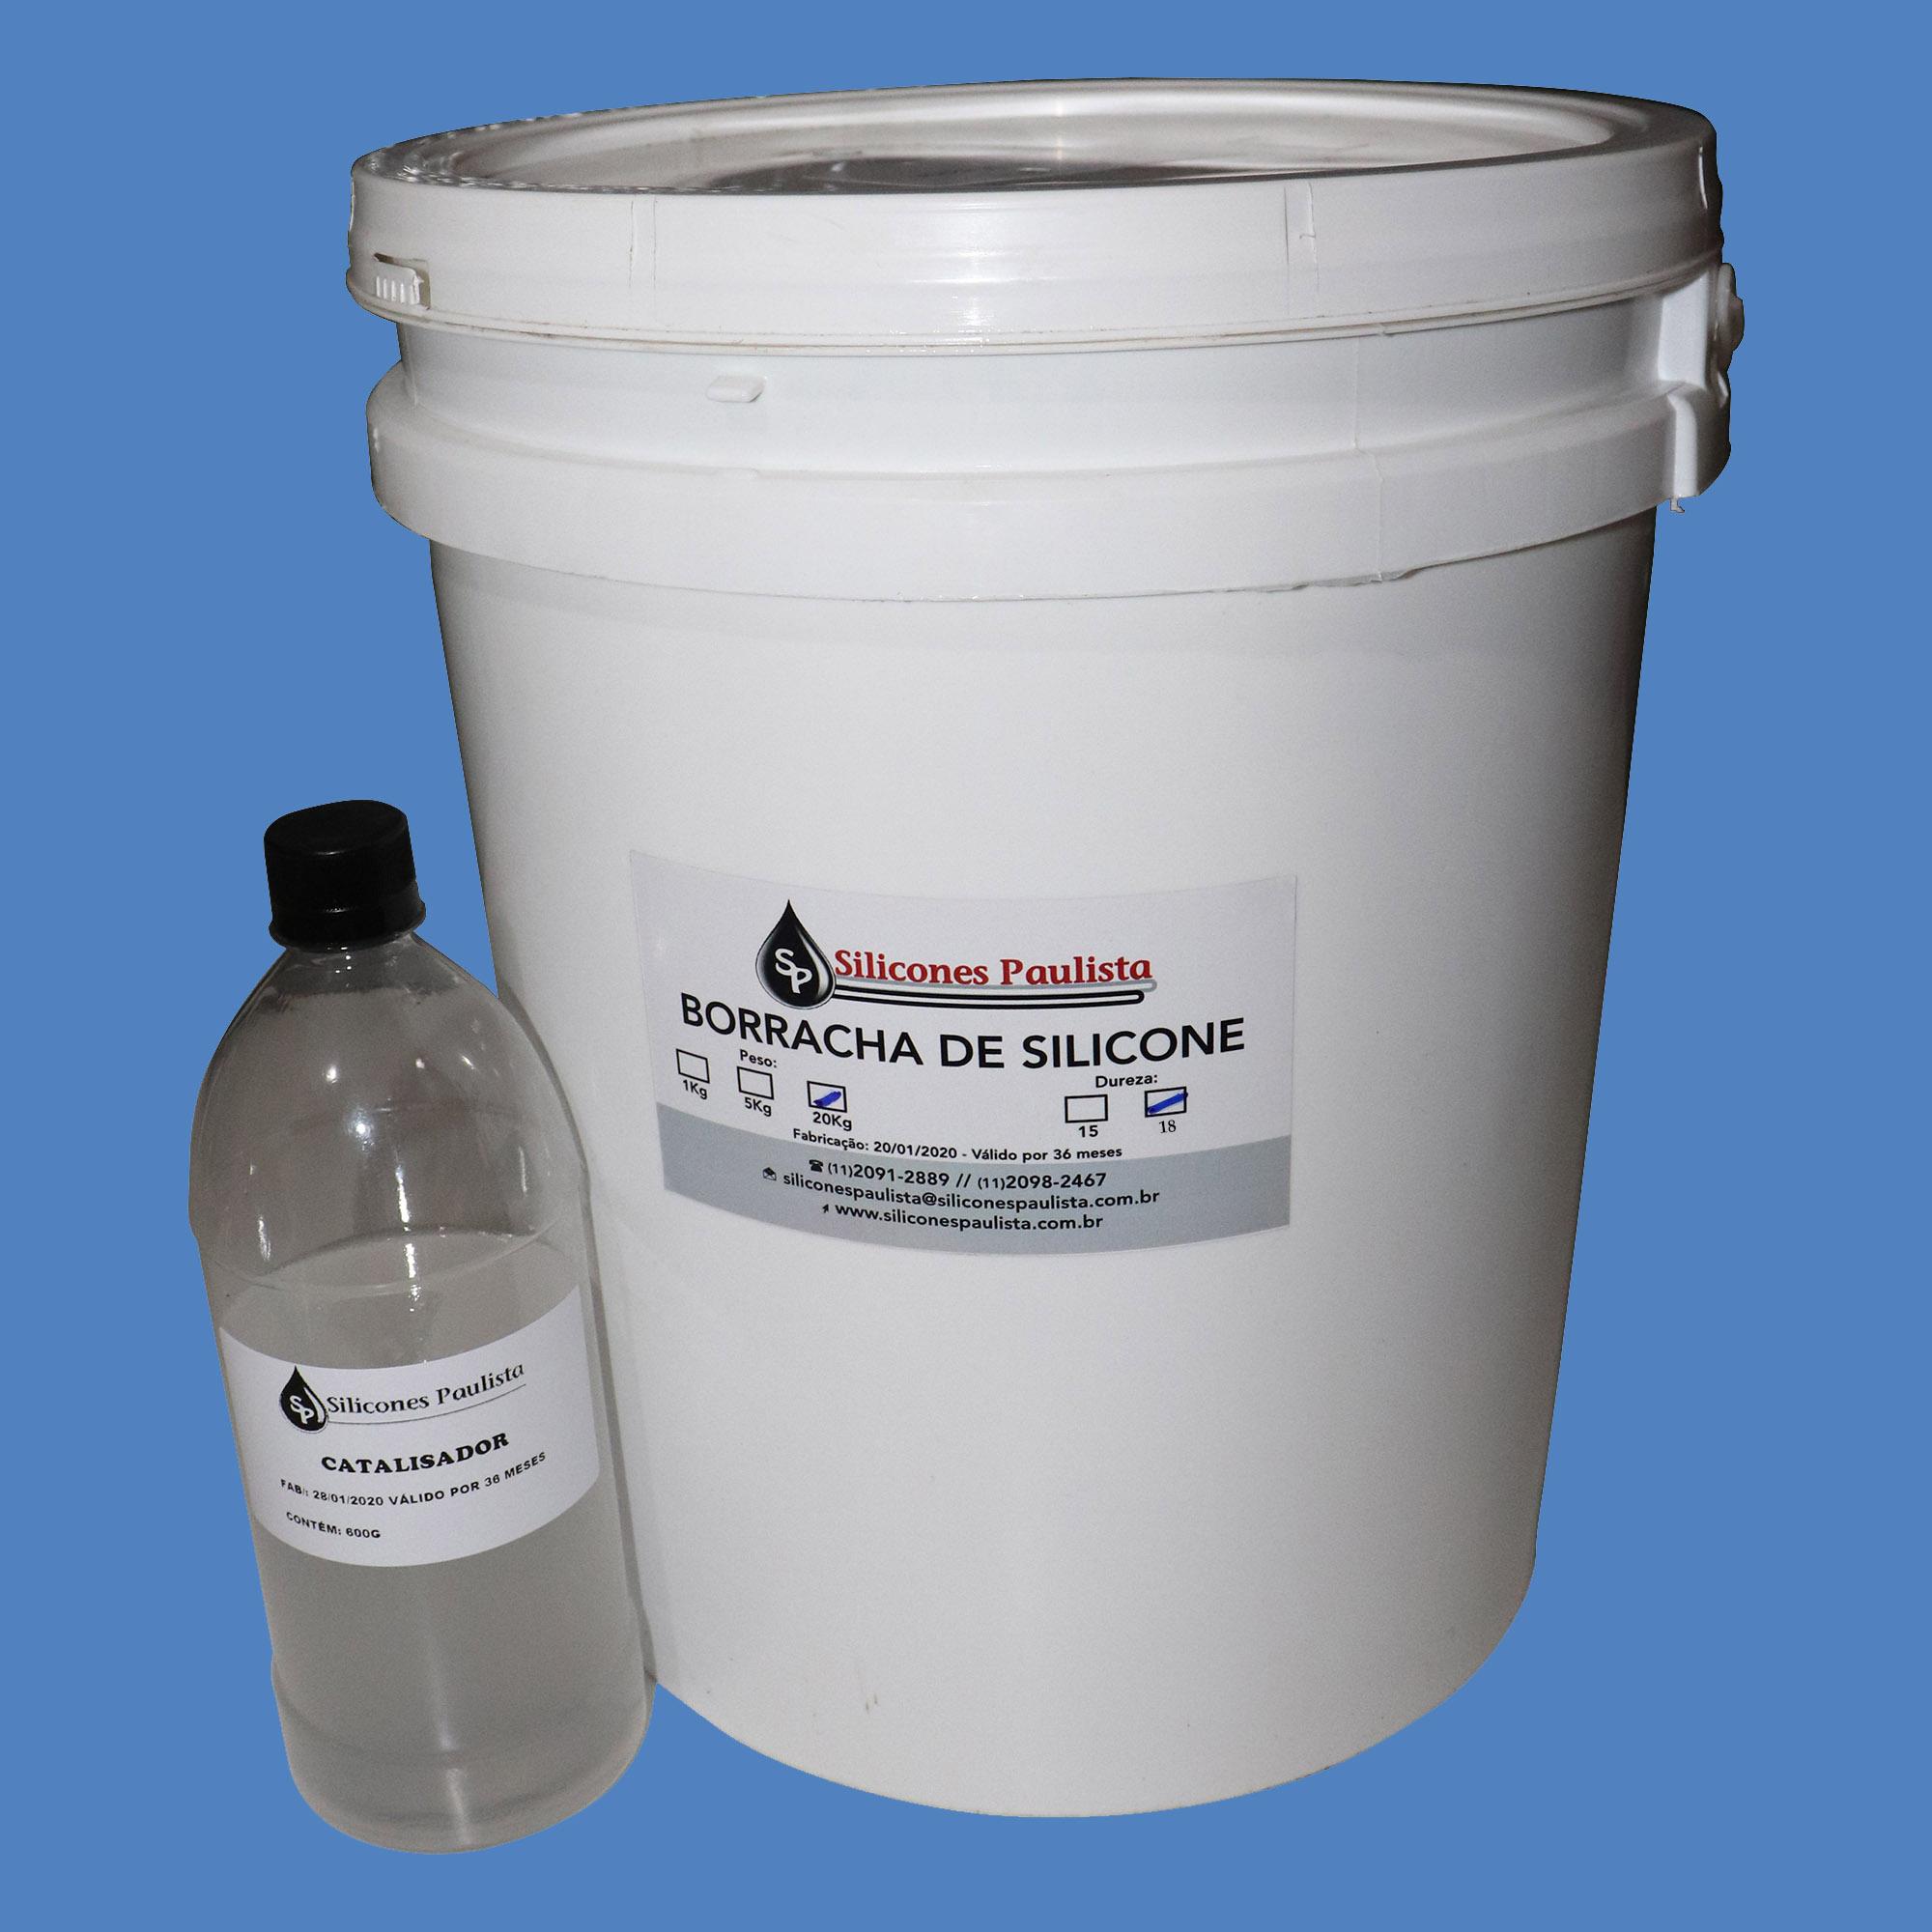 Borracha de Silicone para Artesanato e Moldes (AZUL / Shore18) - 20Kg / 600g